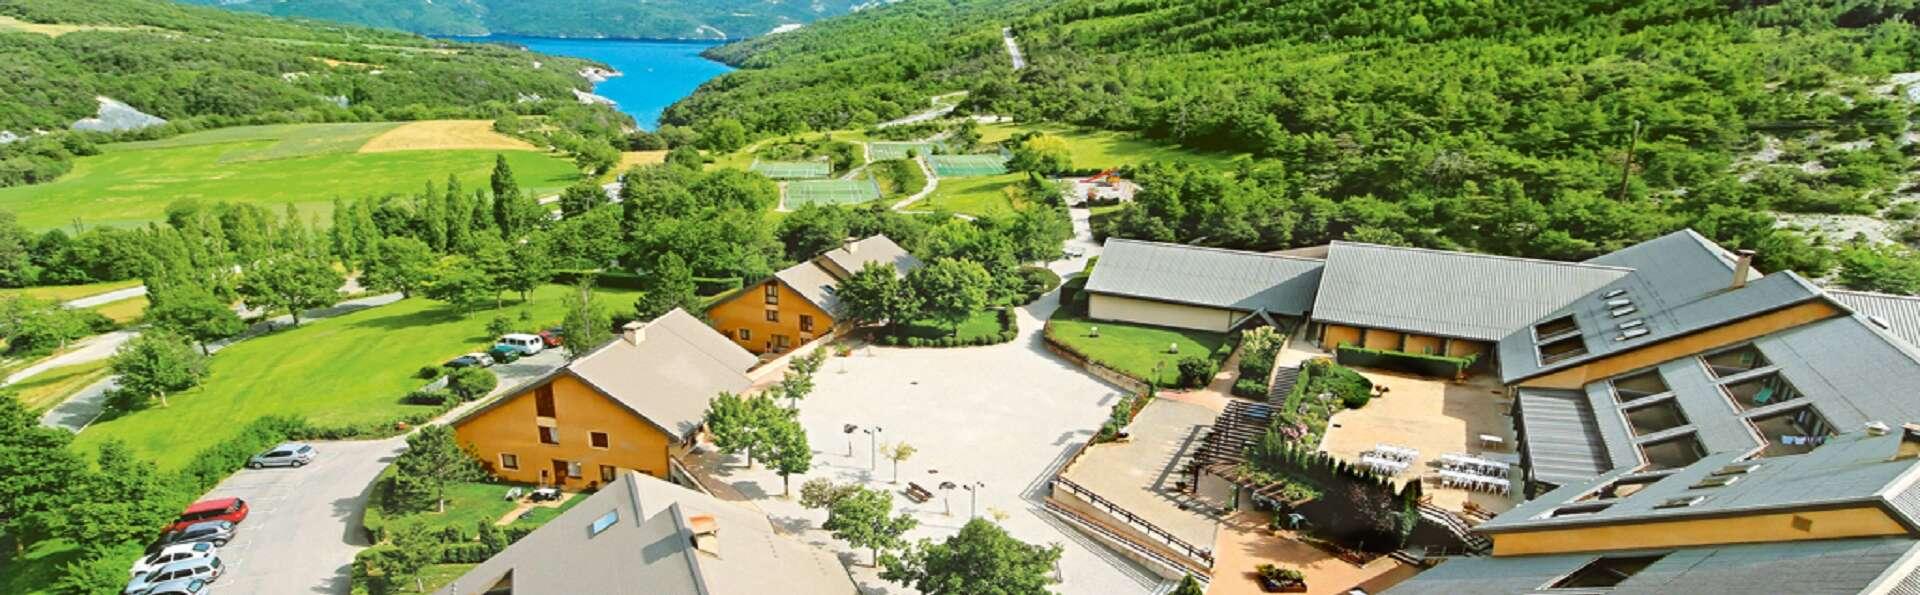 Club Vacances Bleues Les Horizons du Lac - EDIT_Vue_exterieure_2.jpg